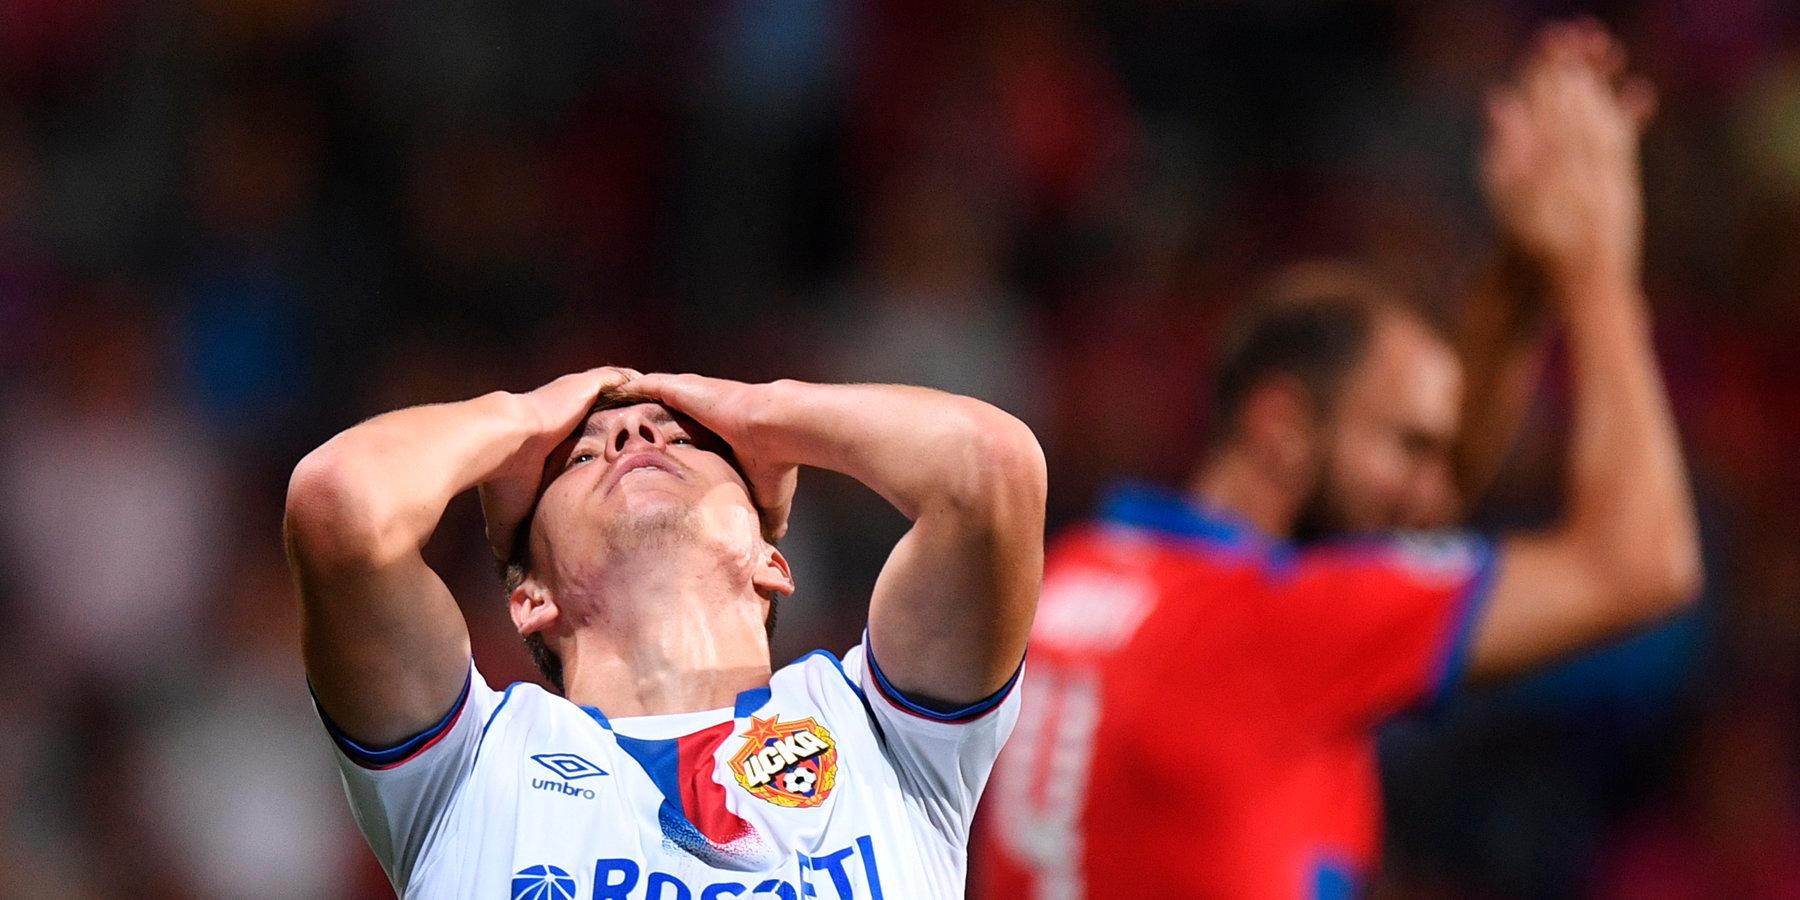 ЦСКА теряет свою шикарную молодёжь